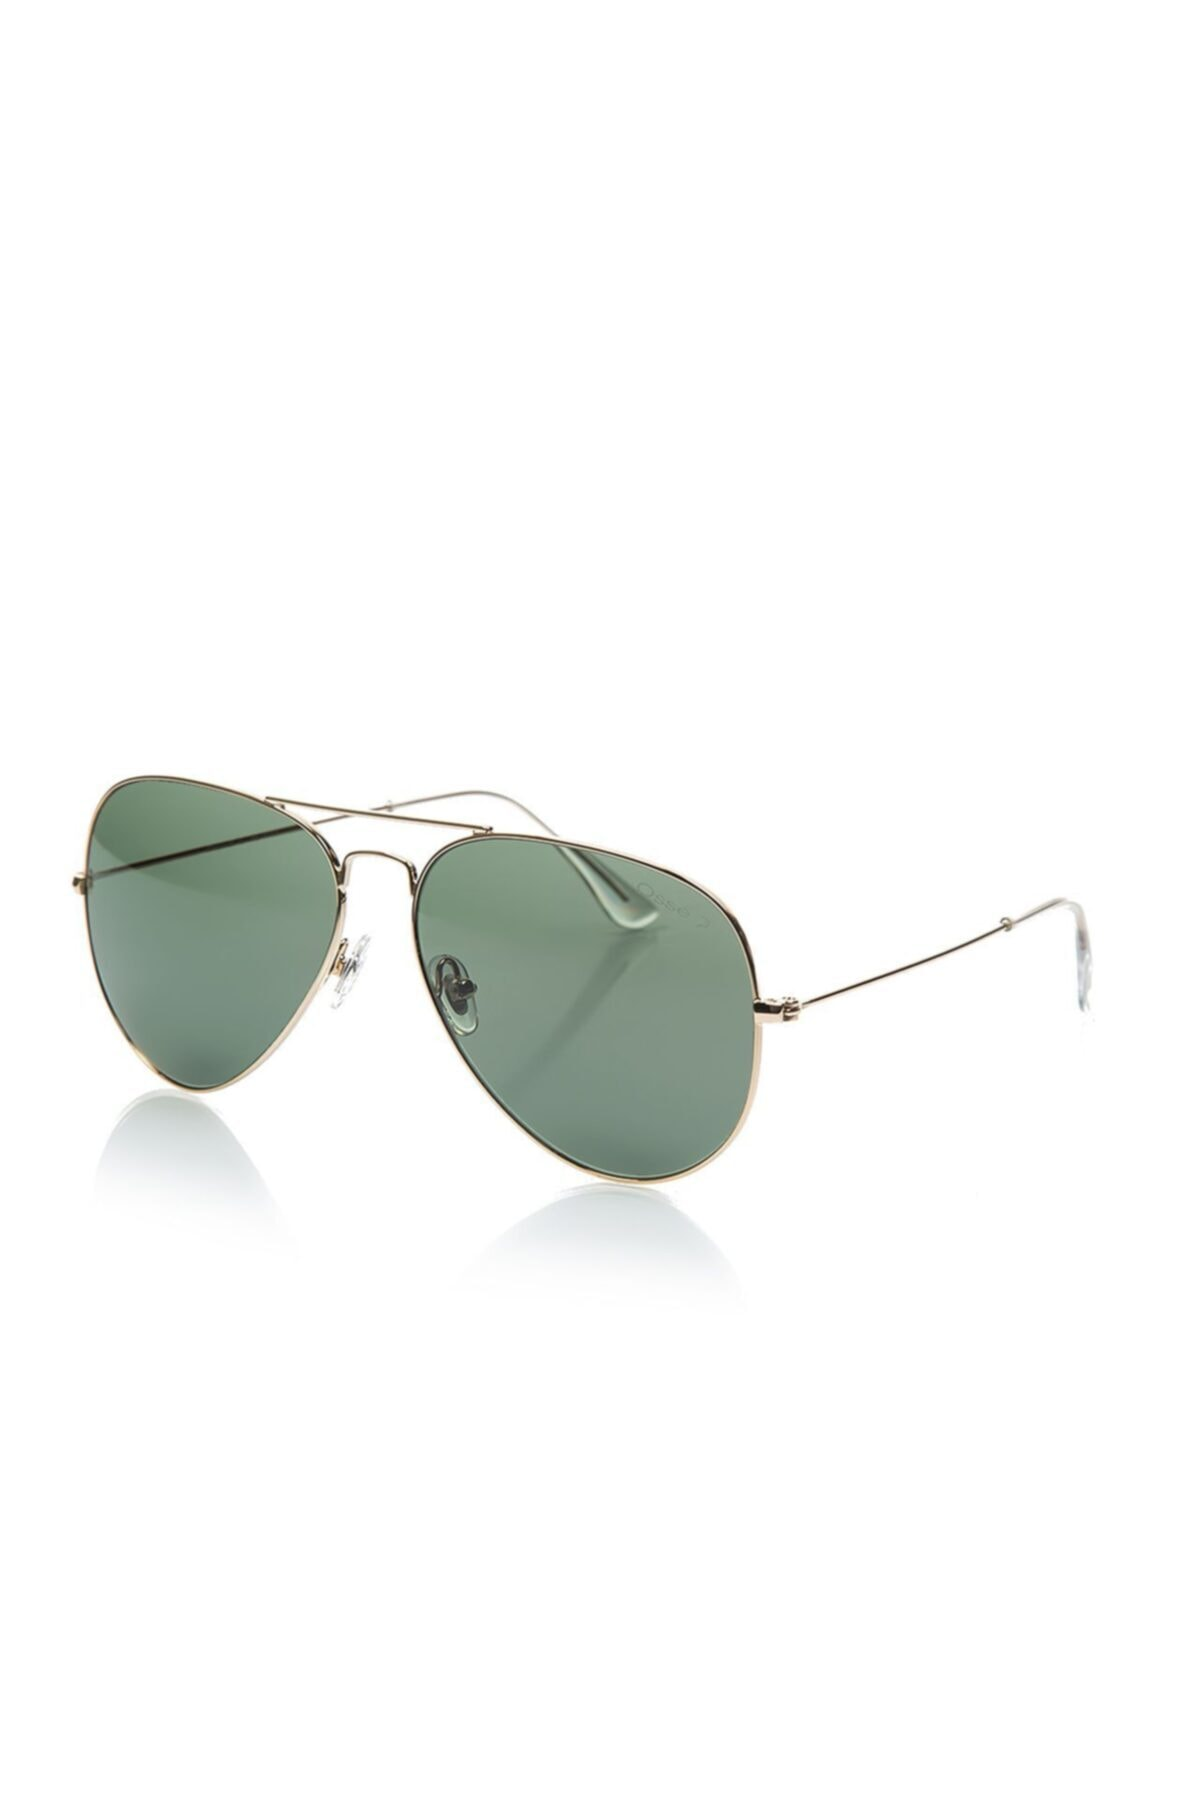 خرید انلاین عینک آفتابی جدید  اسپرت شیک برند Osse رنگ طلایی ty31285509